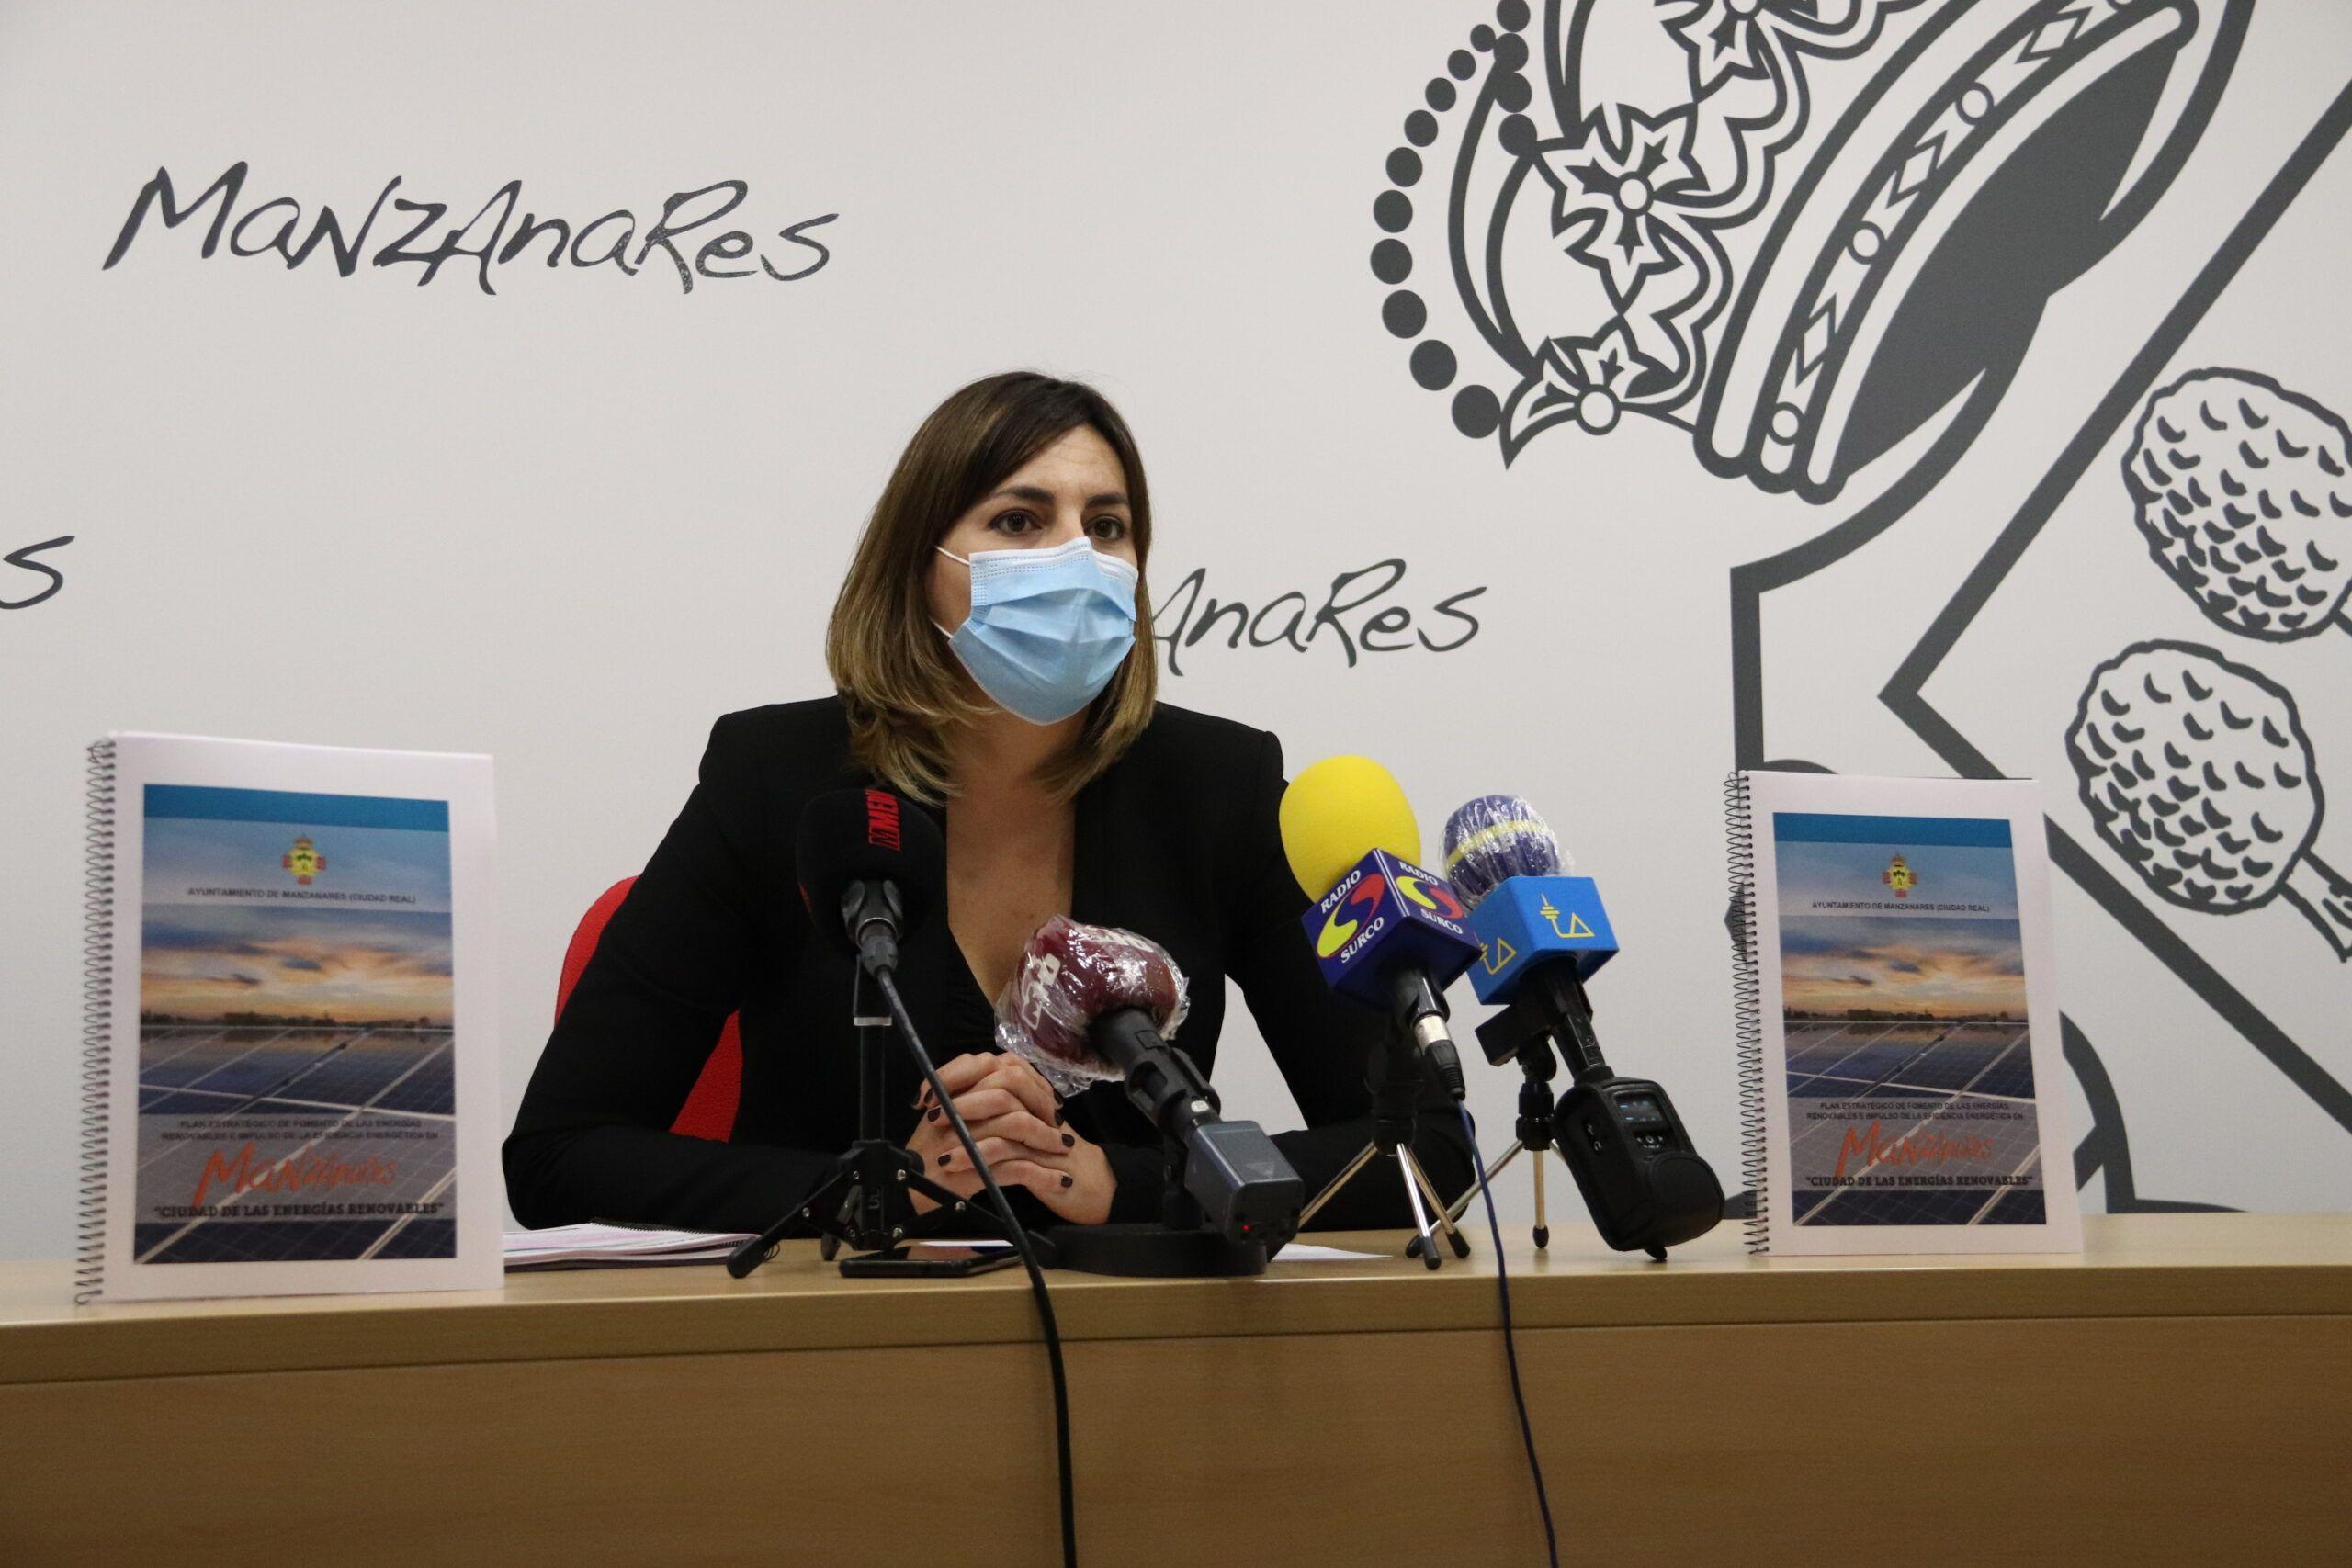 Díaz-Benito: Queremos que Manzanares sea un referente en el uso de tecnologías sostenibles